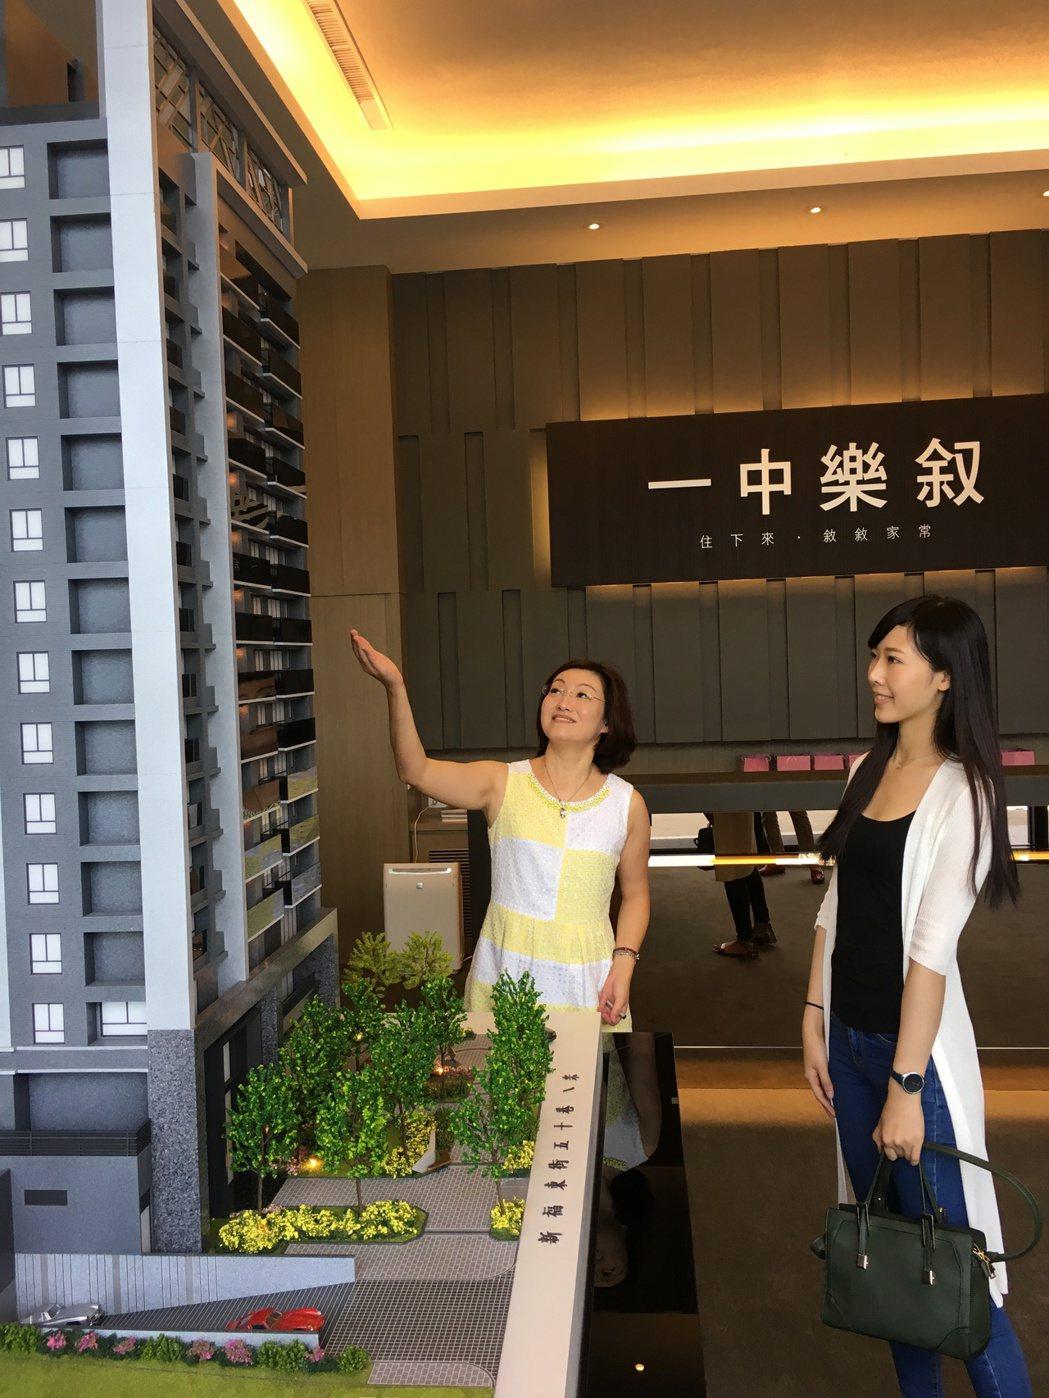 台中房地產市場最近以低總價小宅當道,銓威建設在台中太平區推出首購型小豪宅「一中樂...